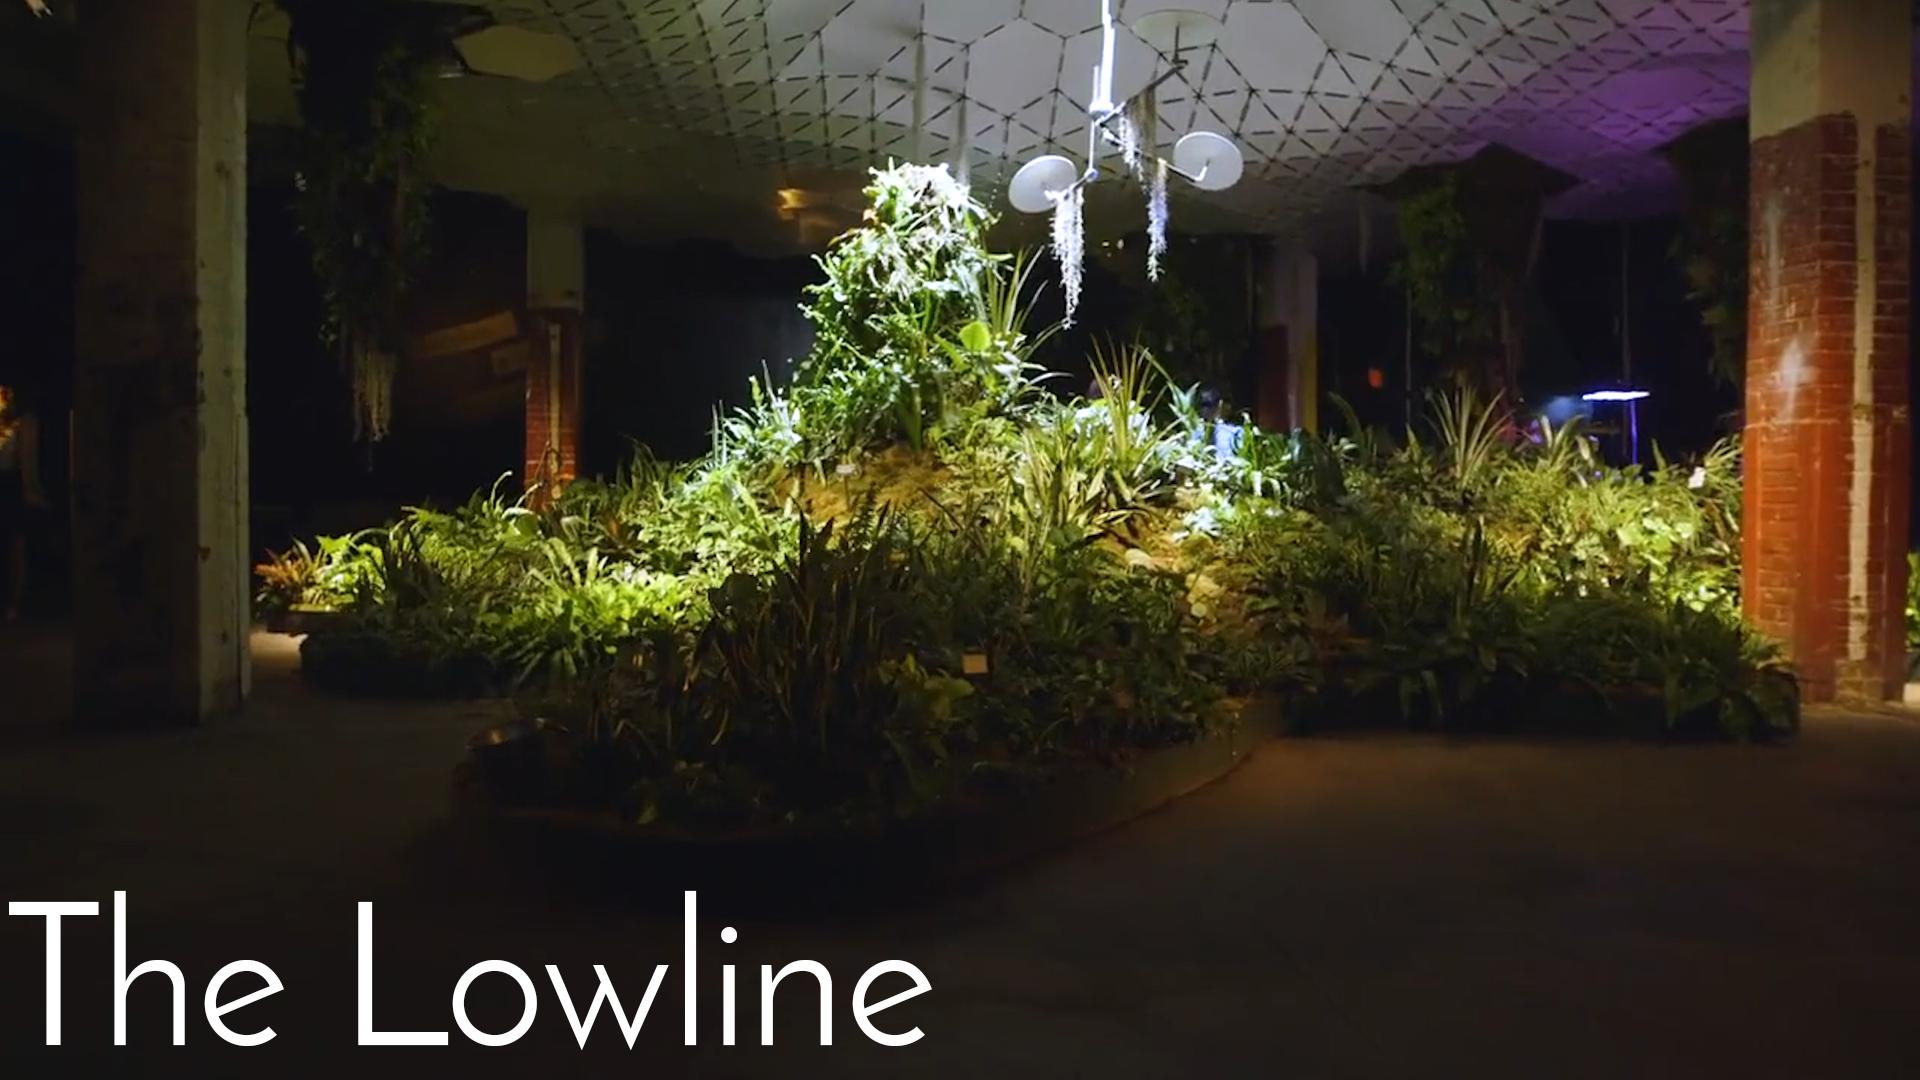 The Lowline